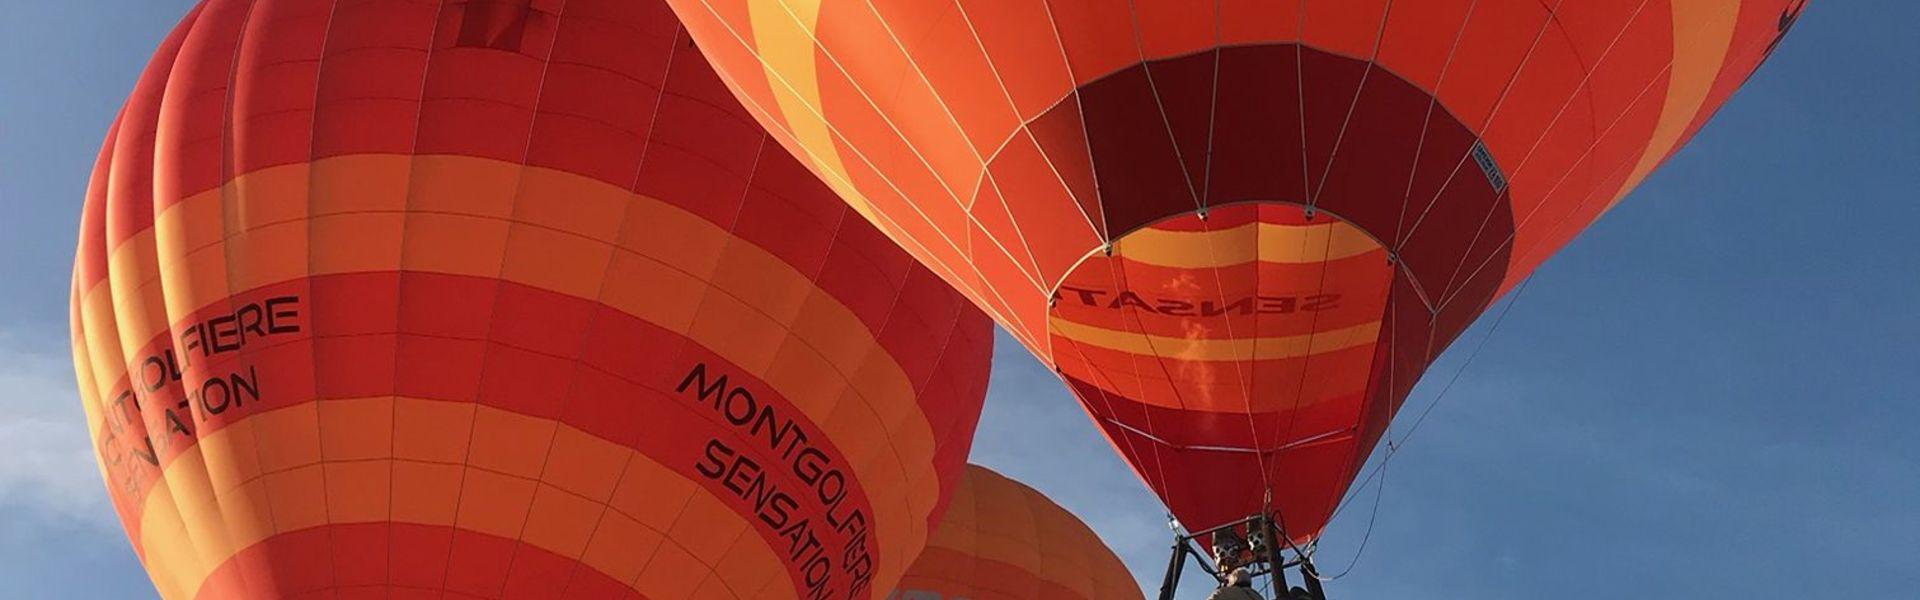 montgolfière vienne 86